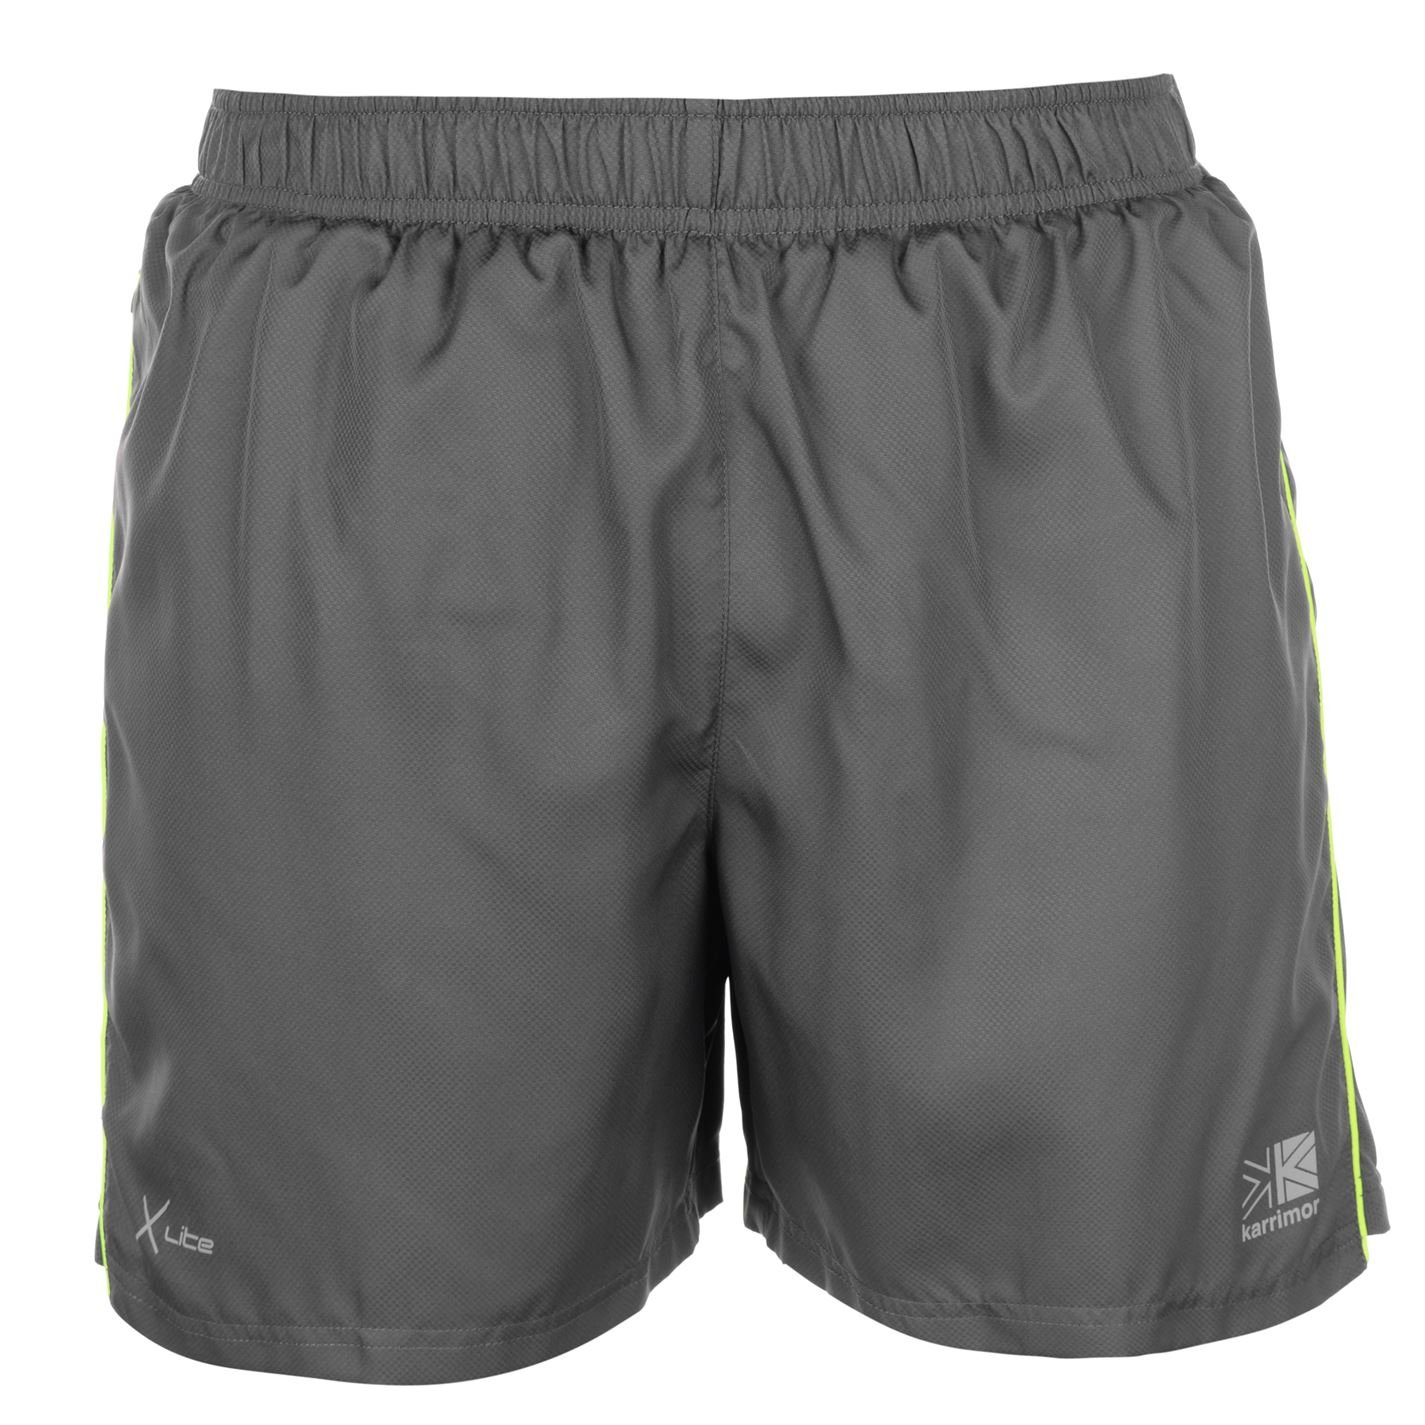 Karrimor Mens Xlite 5inch Running Shorts